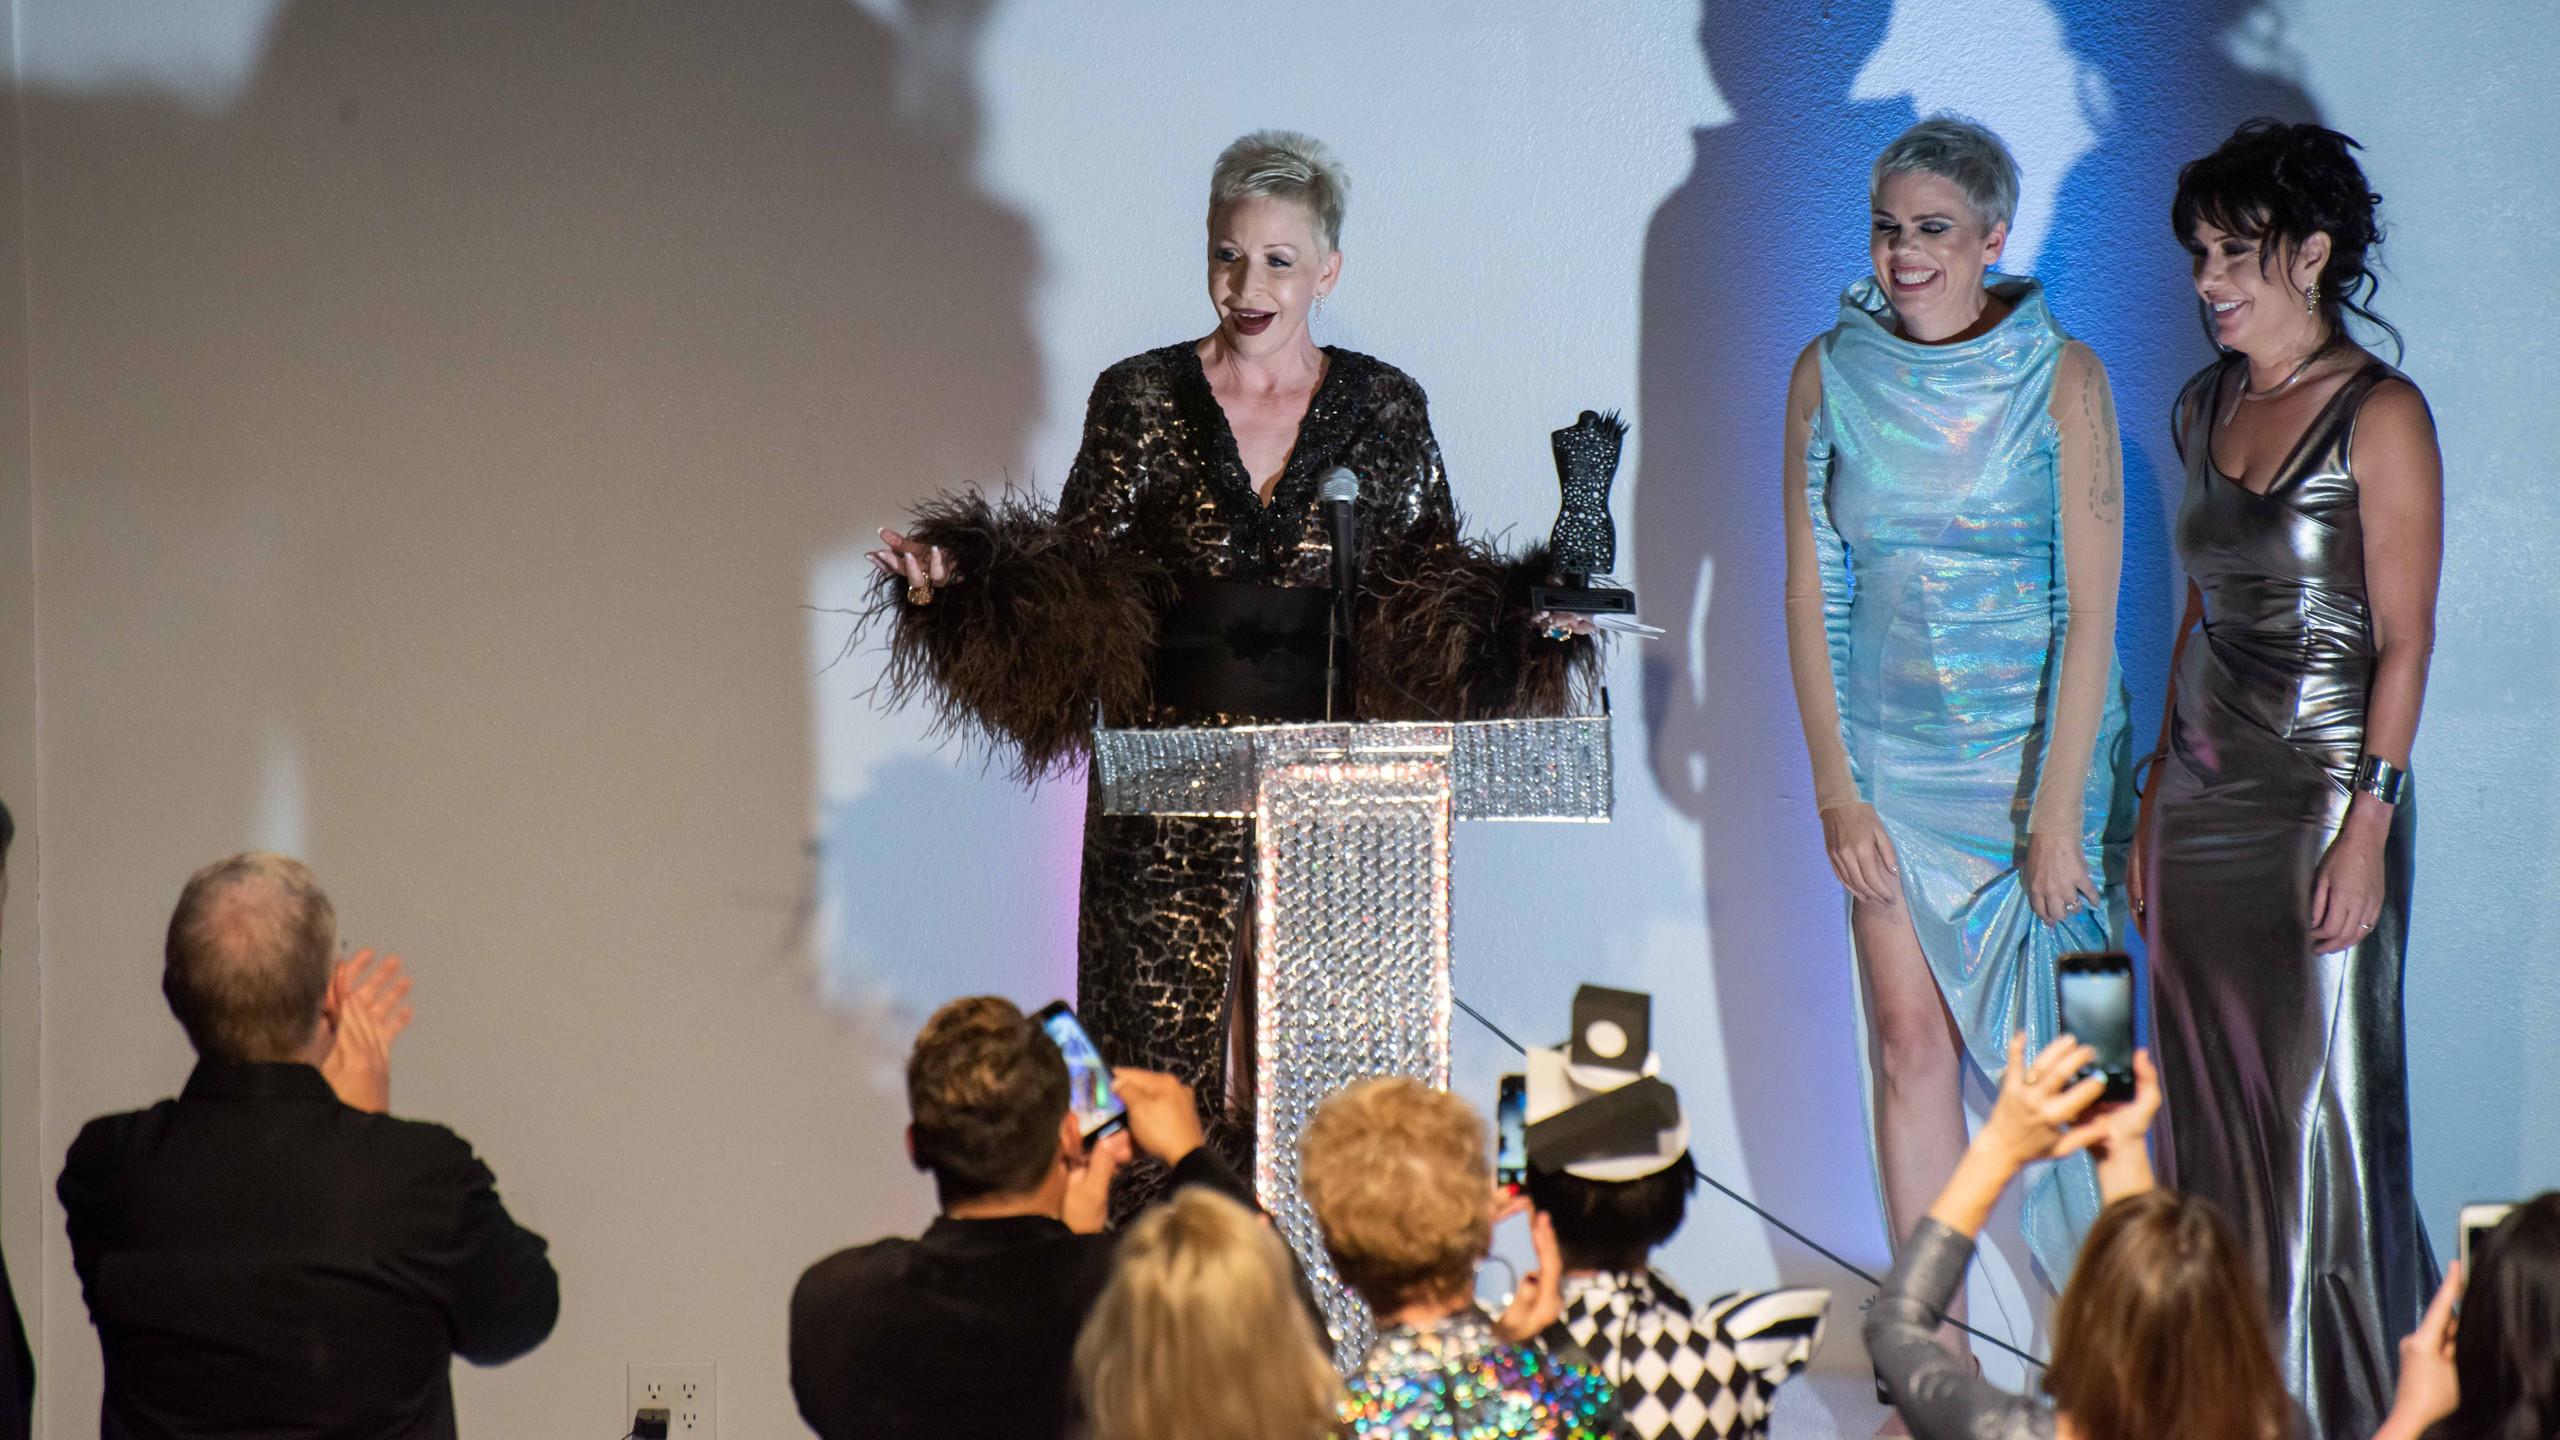 Awarding the AZ Fashion Icon to Camerone